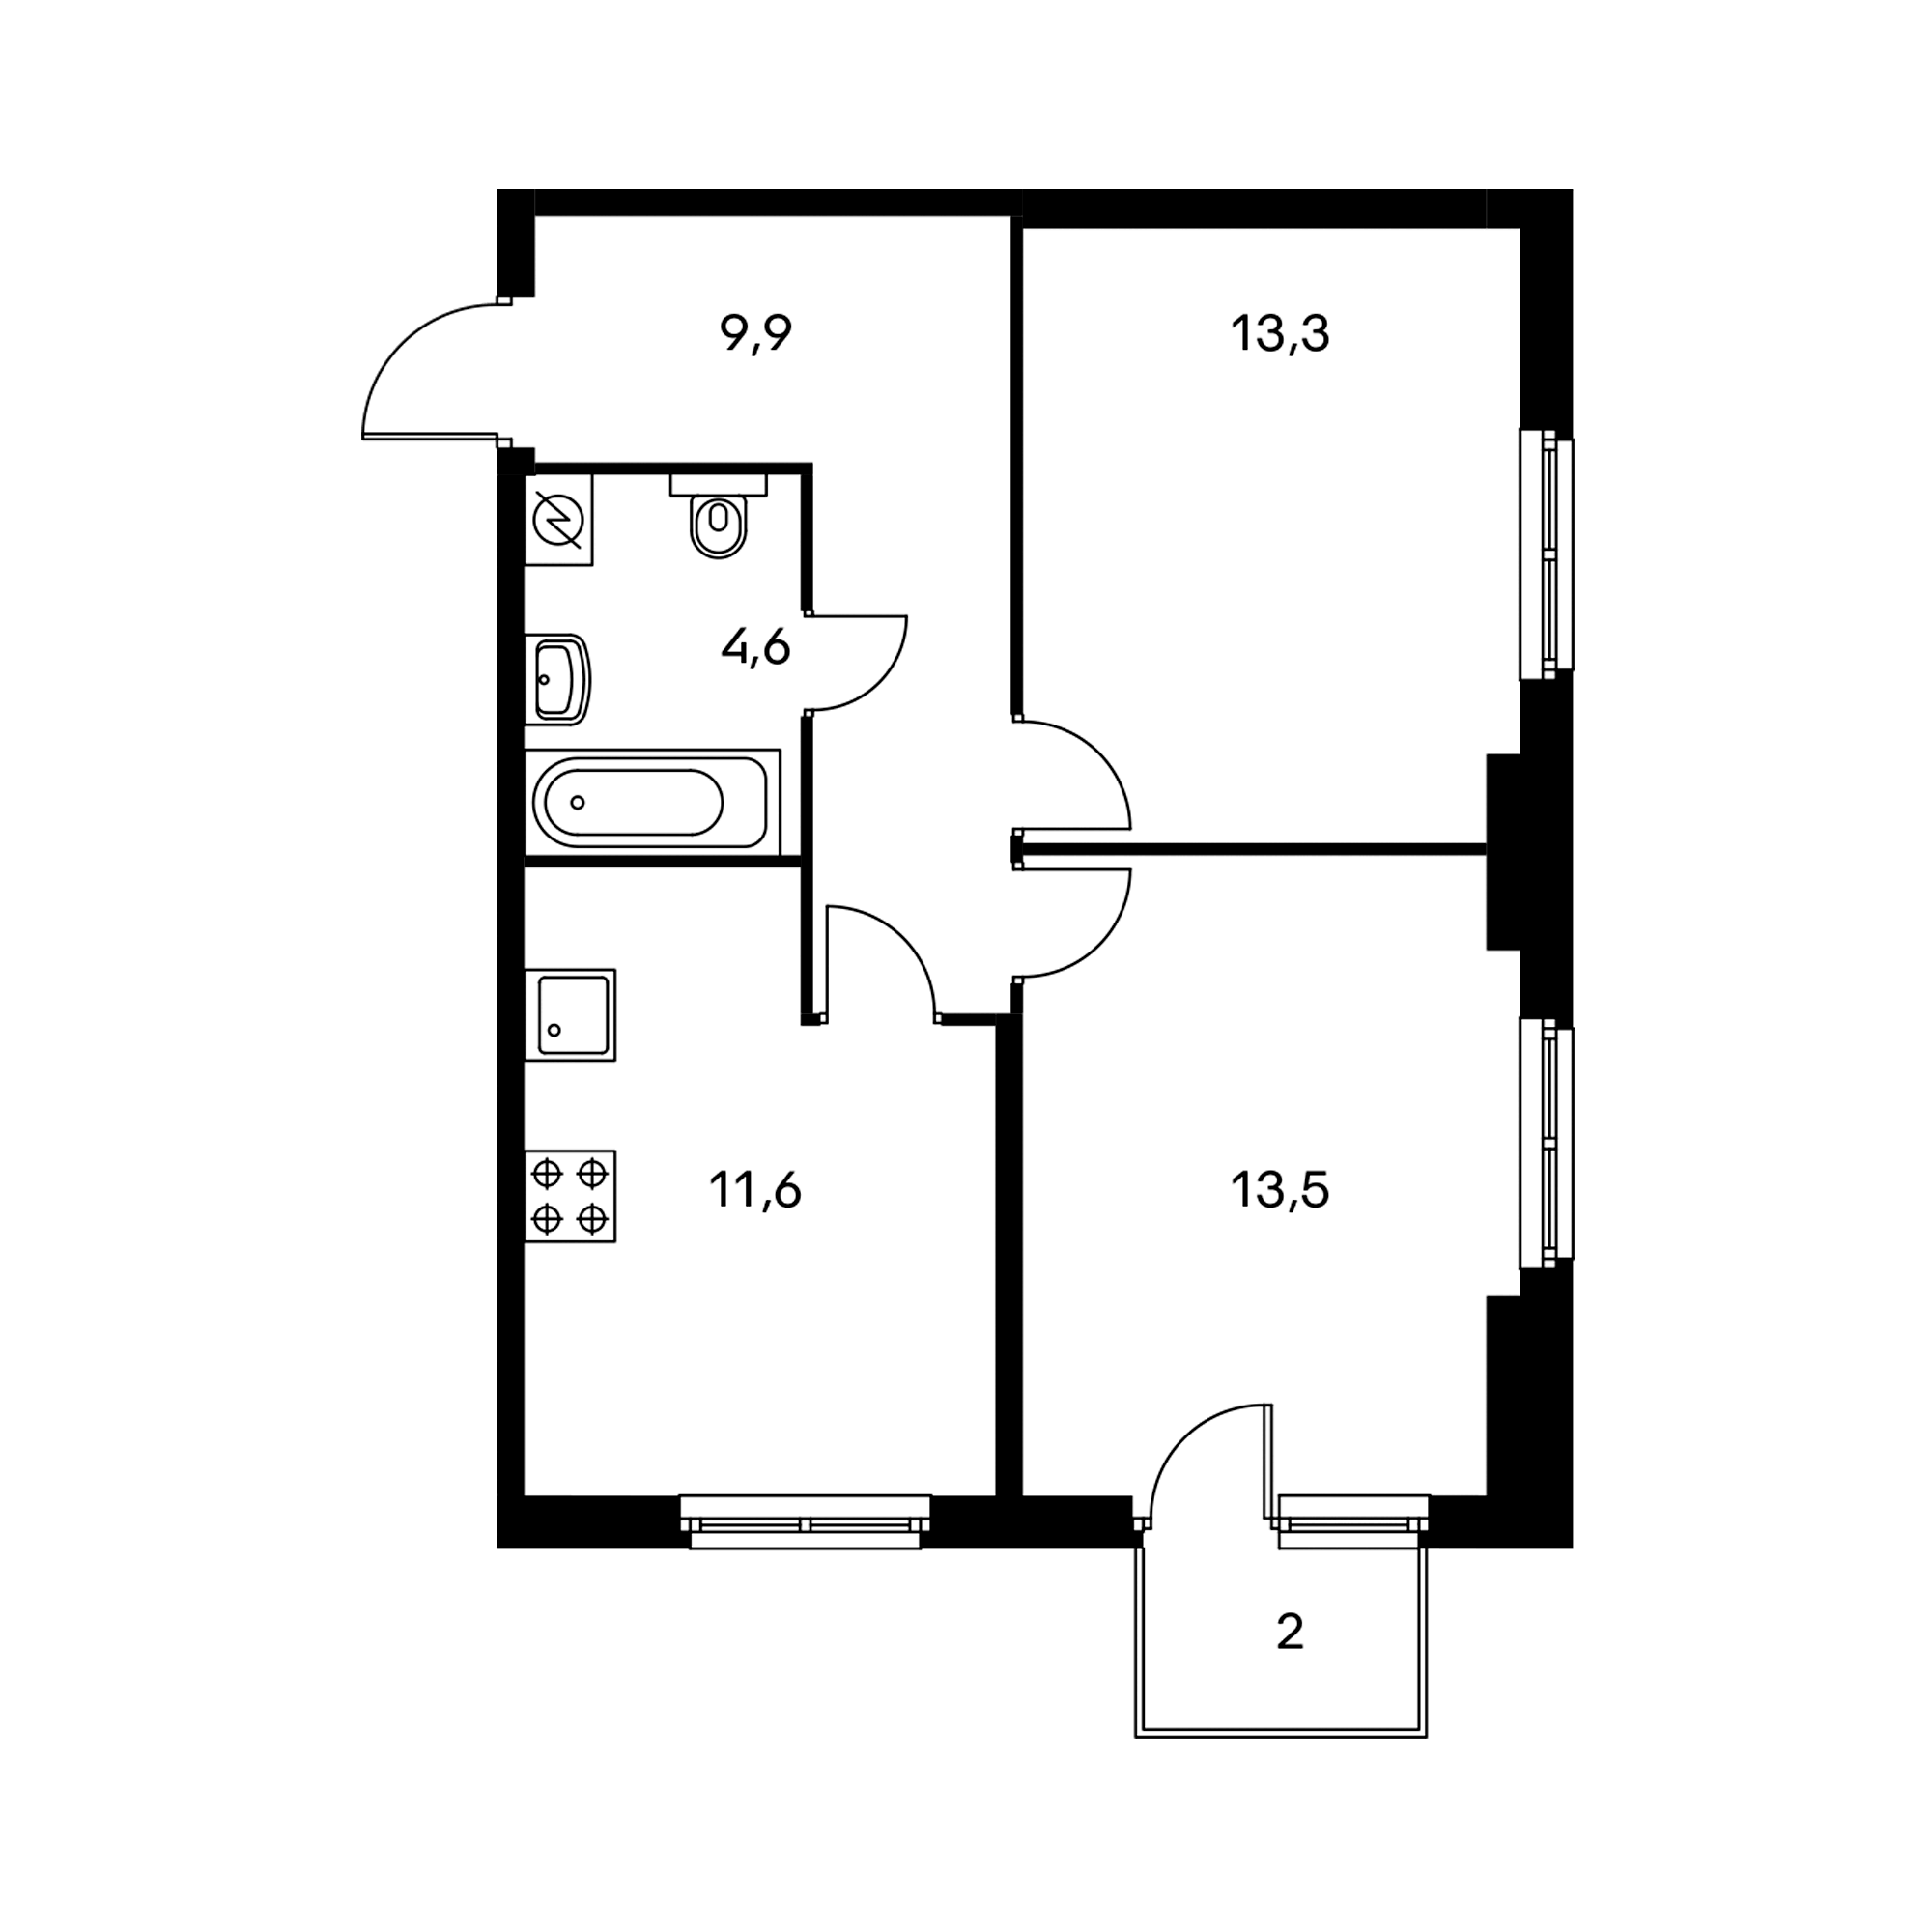 2KS2_6.6-B1